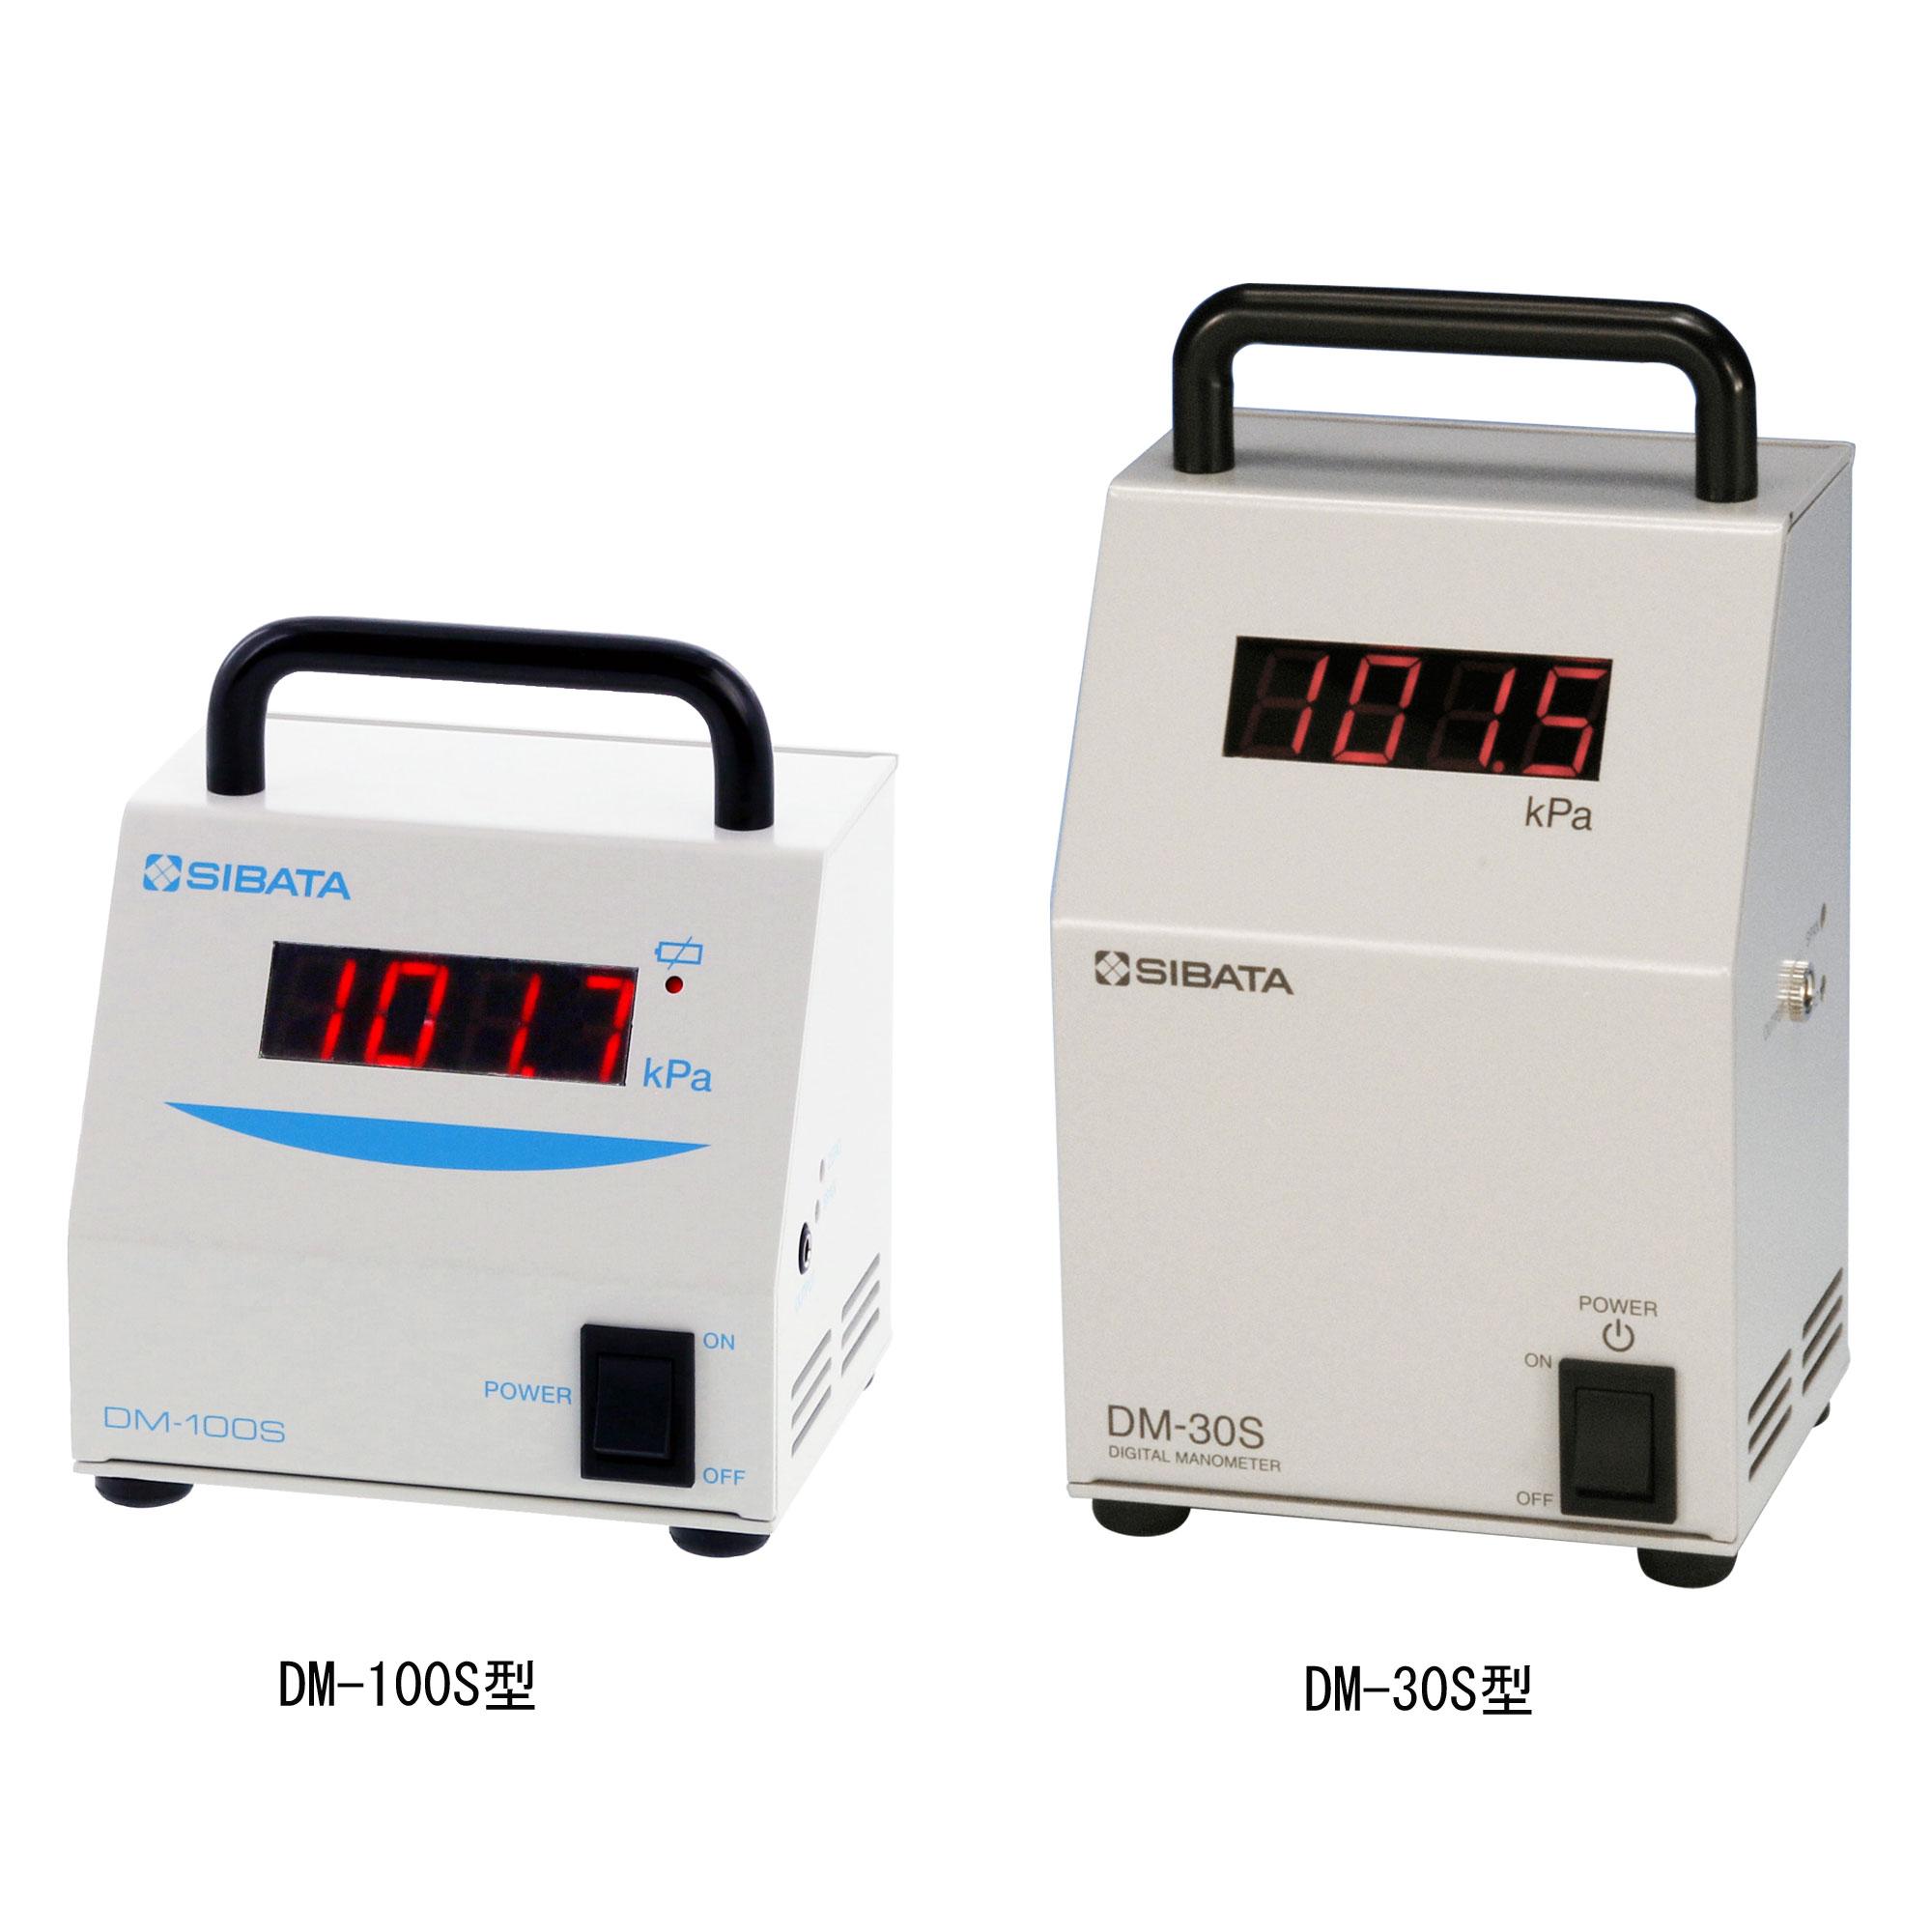 デジタルマノメーター(真空計) DM-100S/DM-20S/DM-30S型